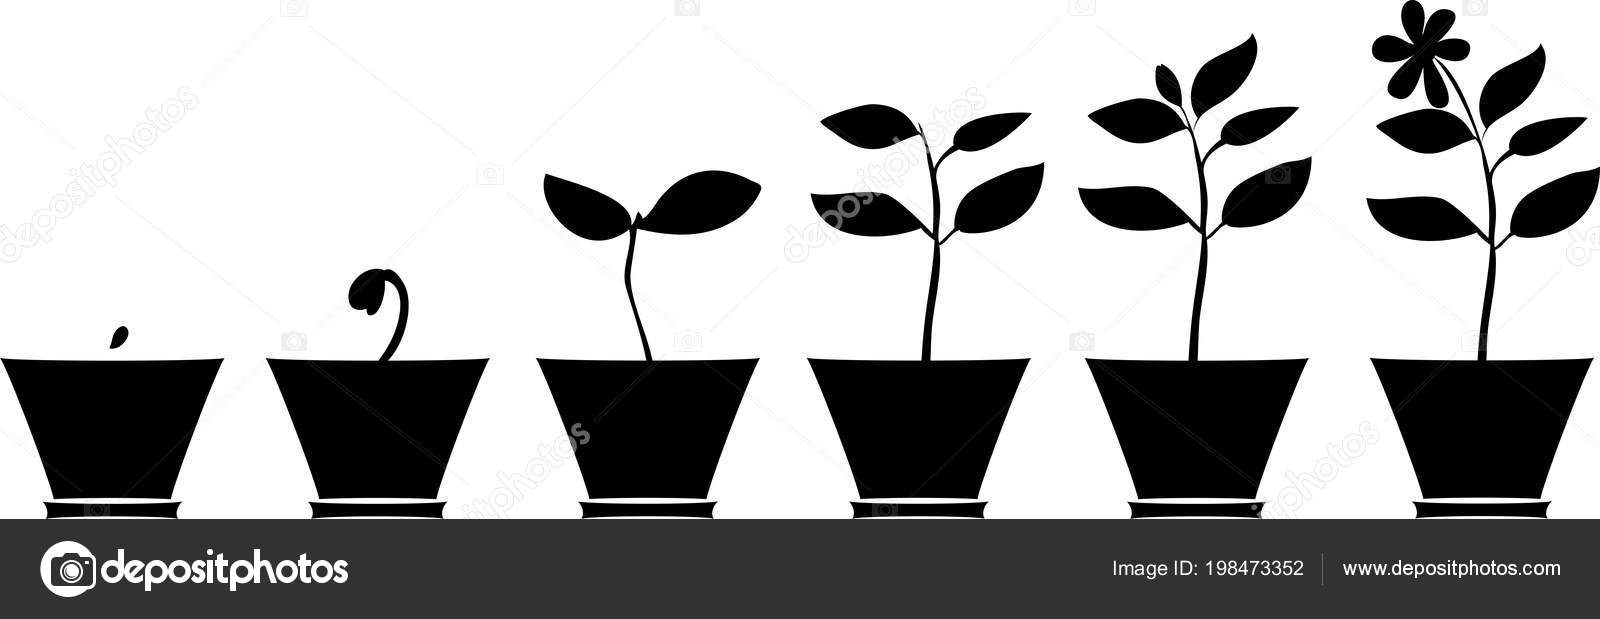 Schema Croissance Fleur Silhouettes Plantes Dans Pot Fleurs Image